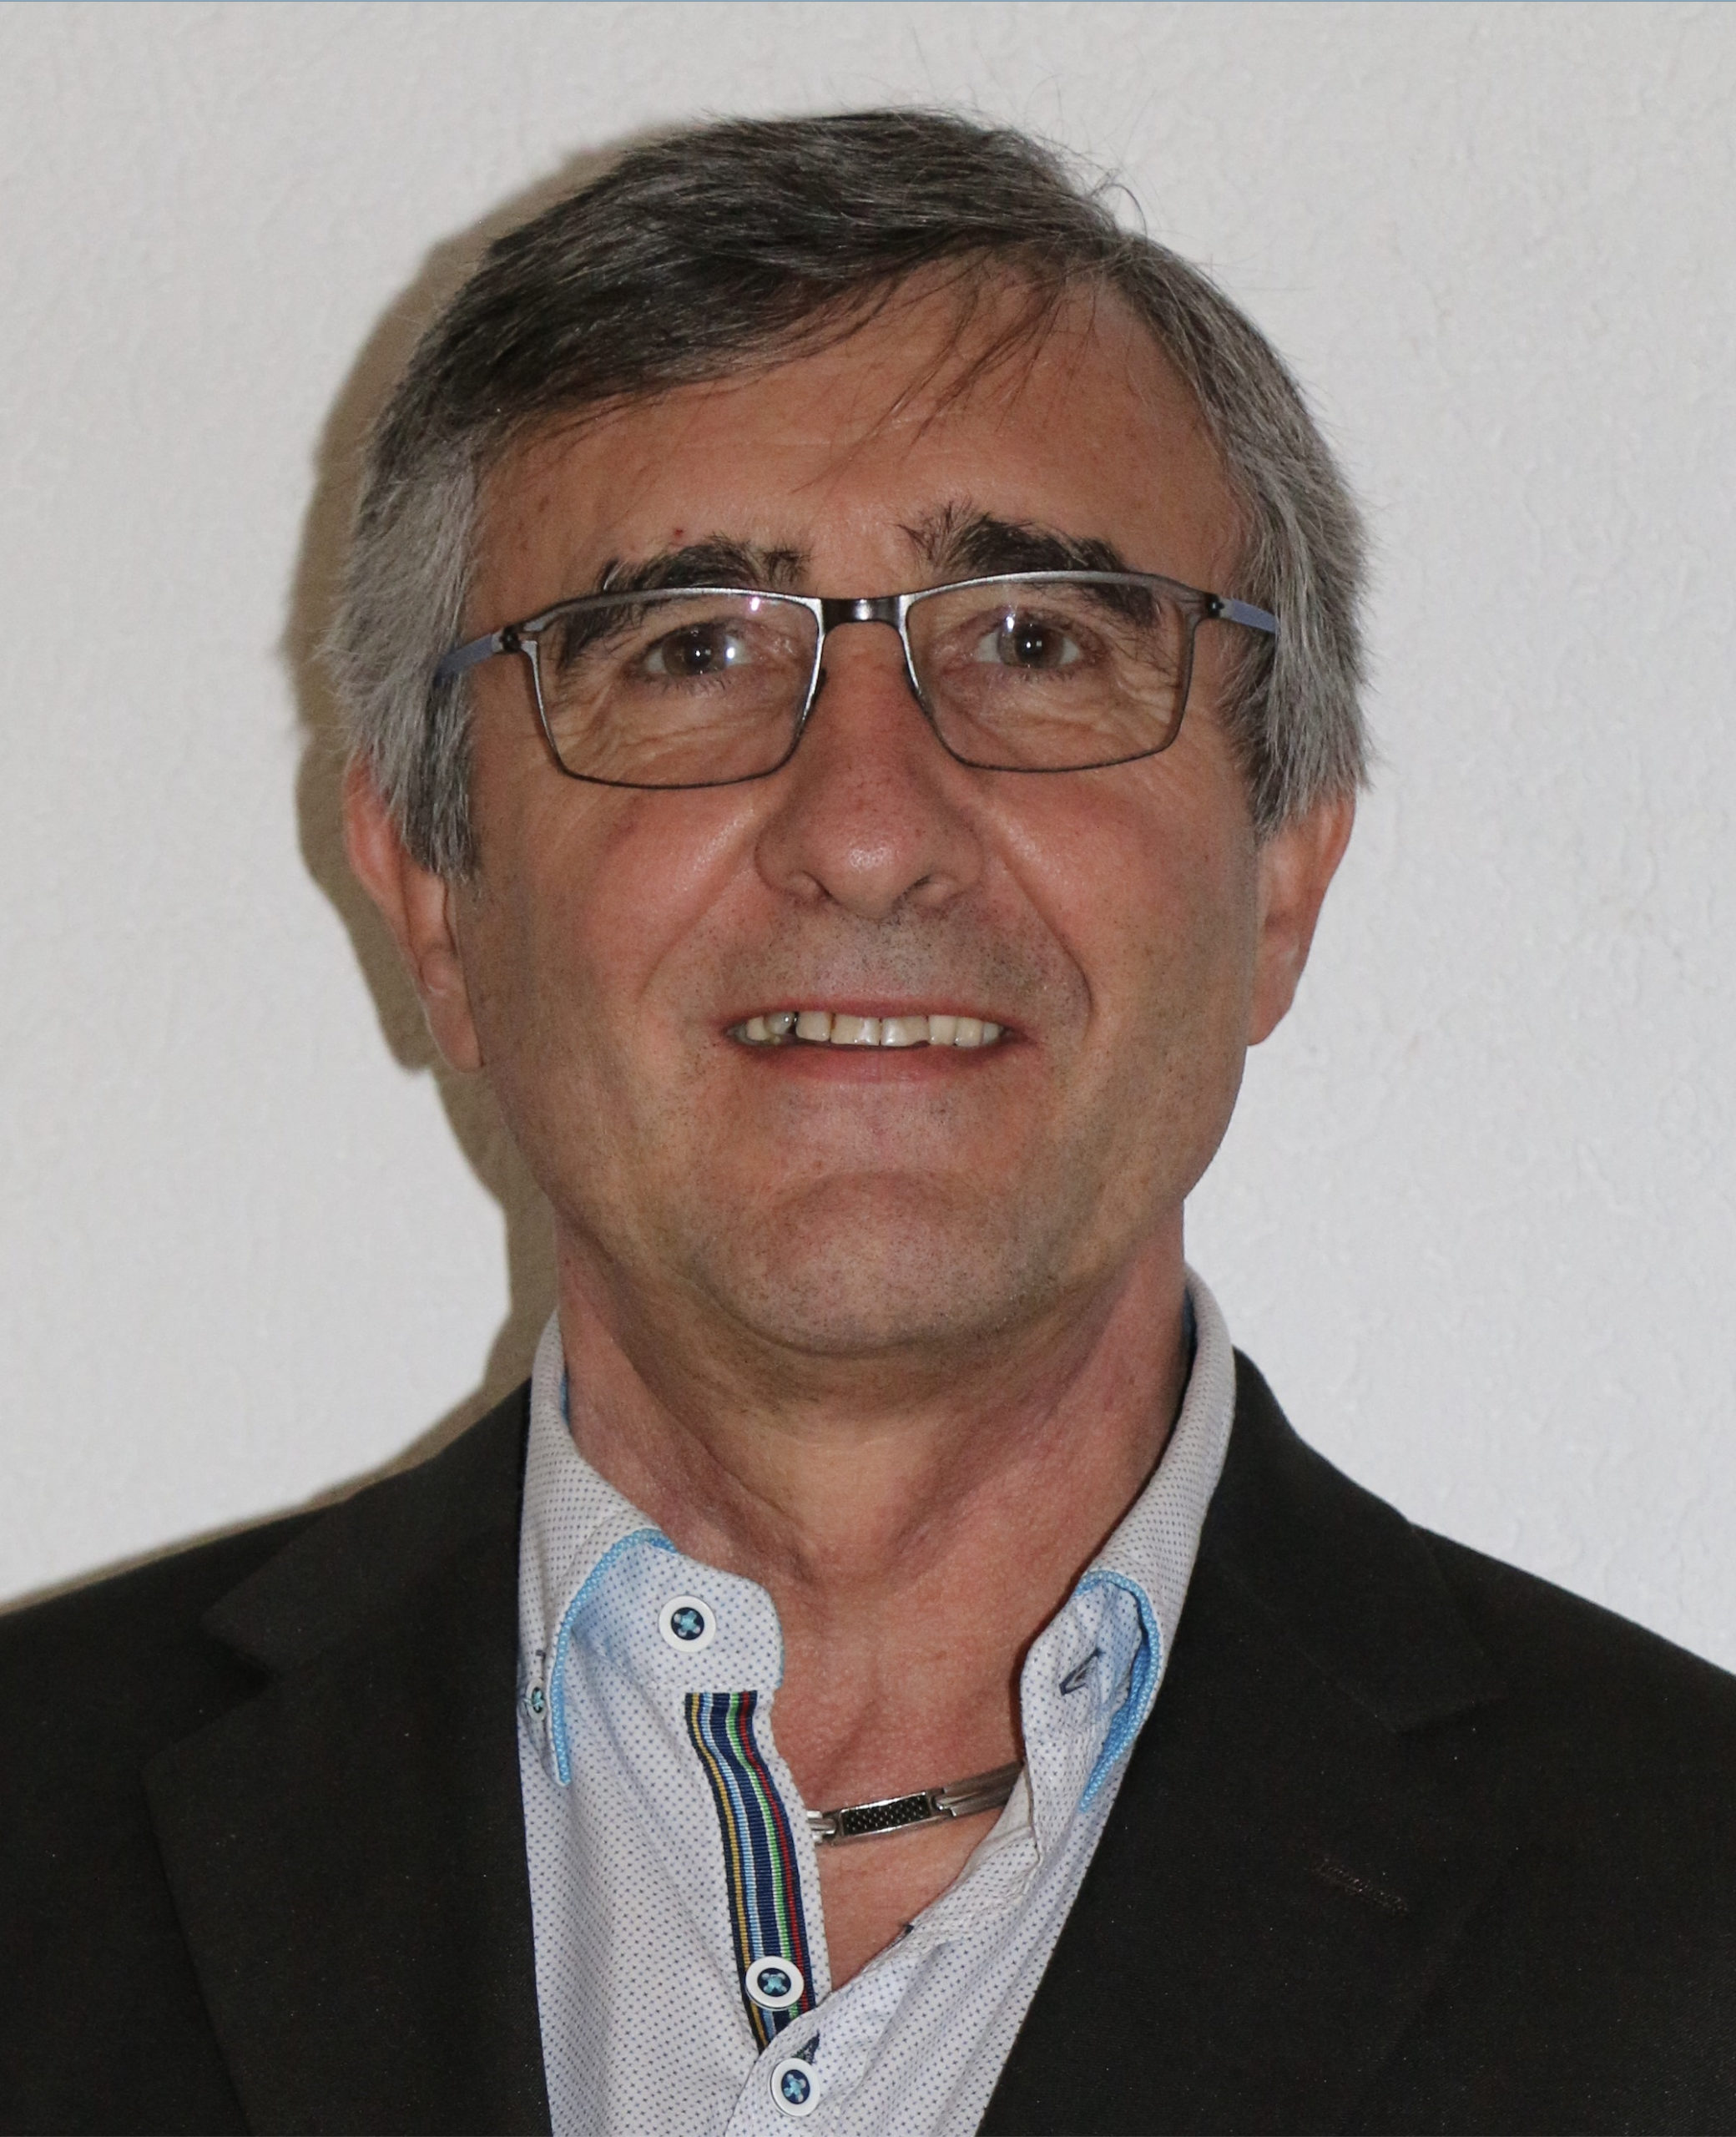 Jean-Marc Bettems